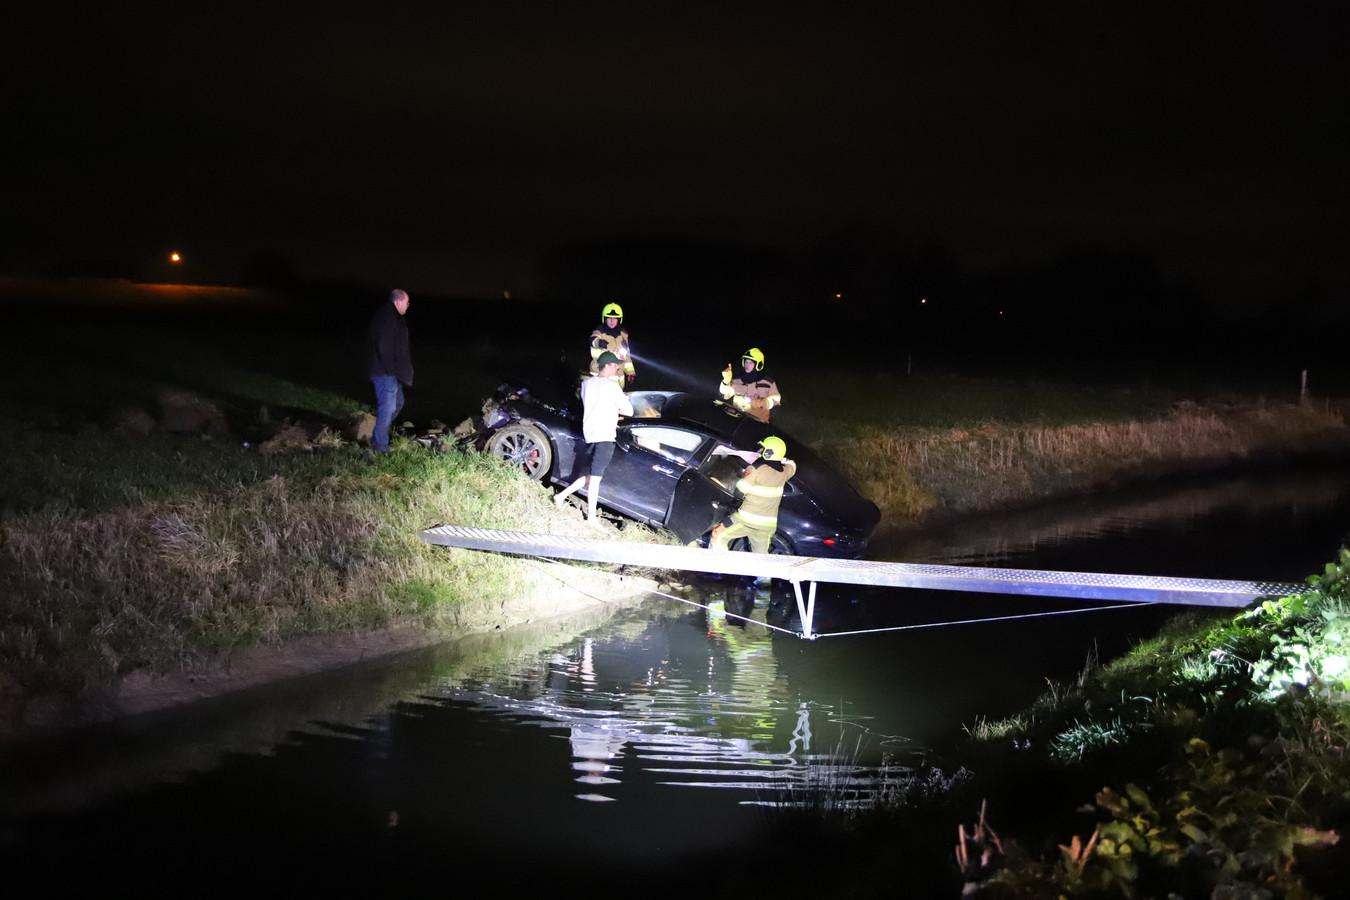 Hulpverleners bij de auto die over de sloot schoot in Tiel.